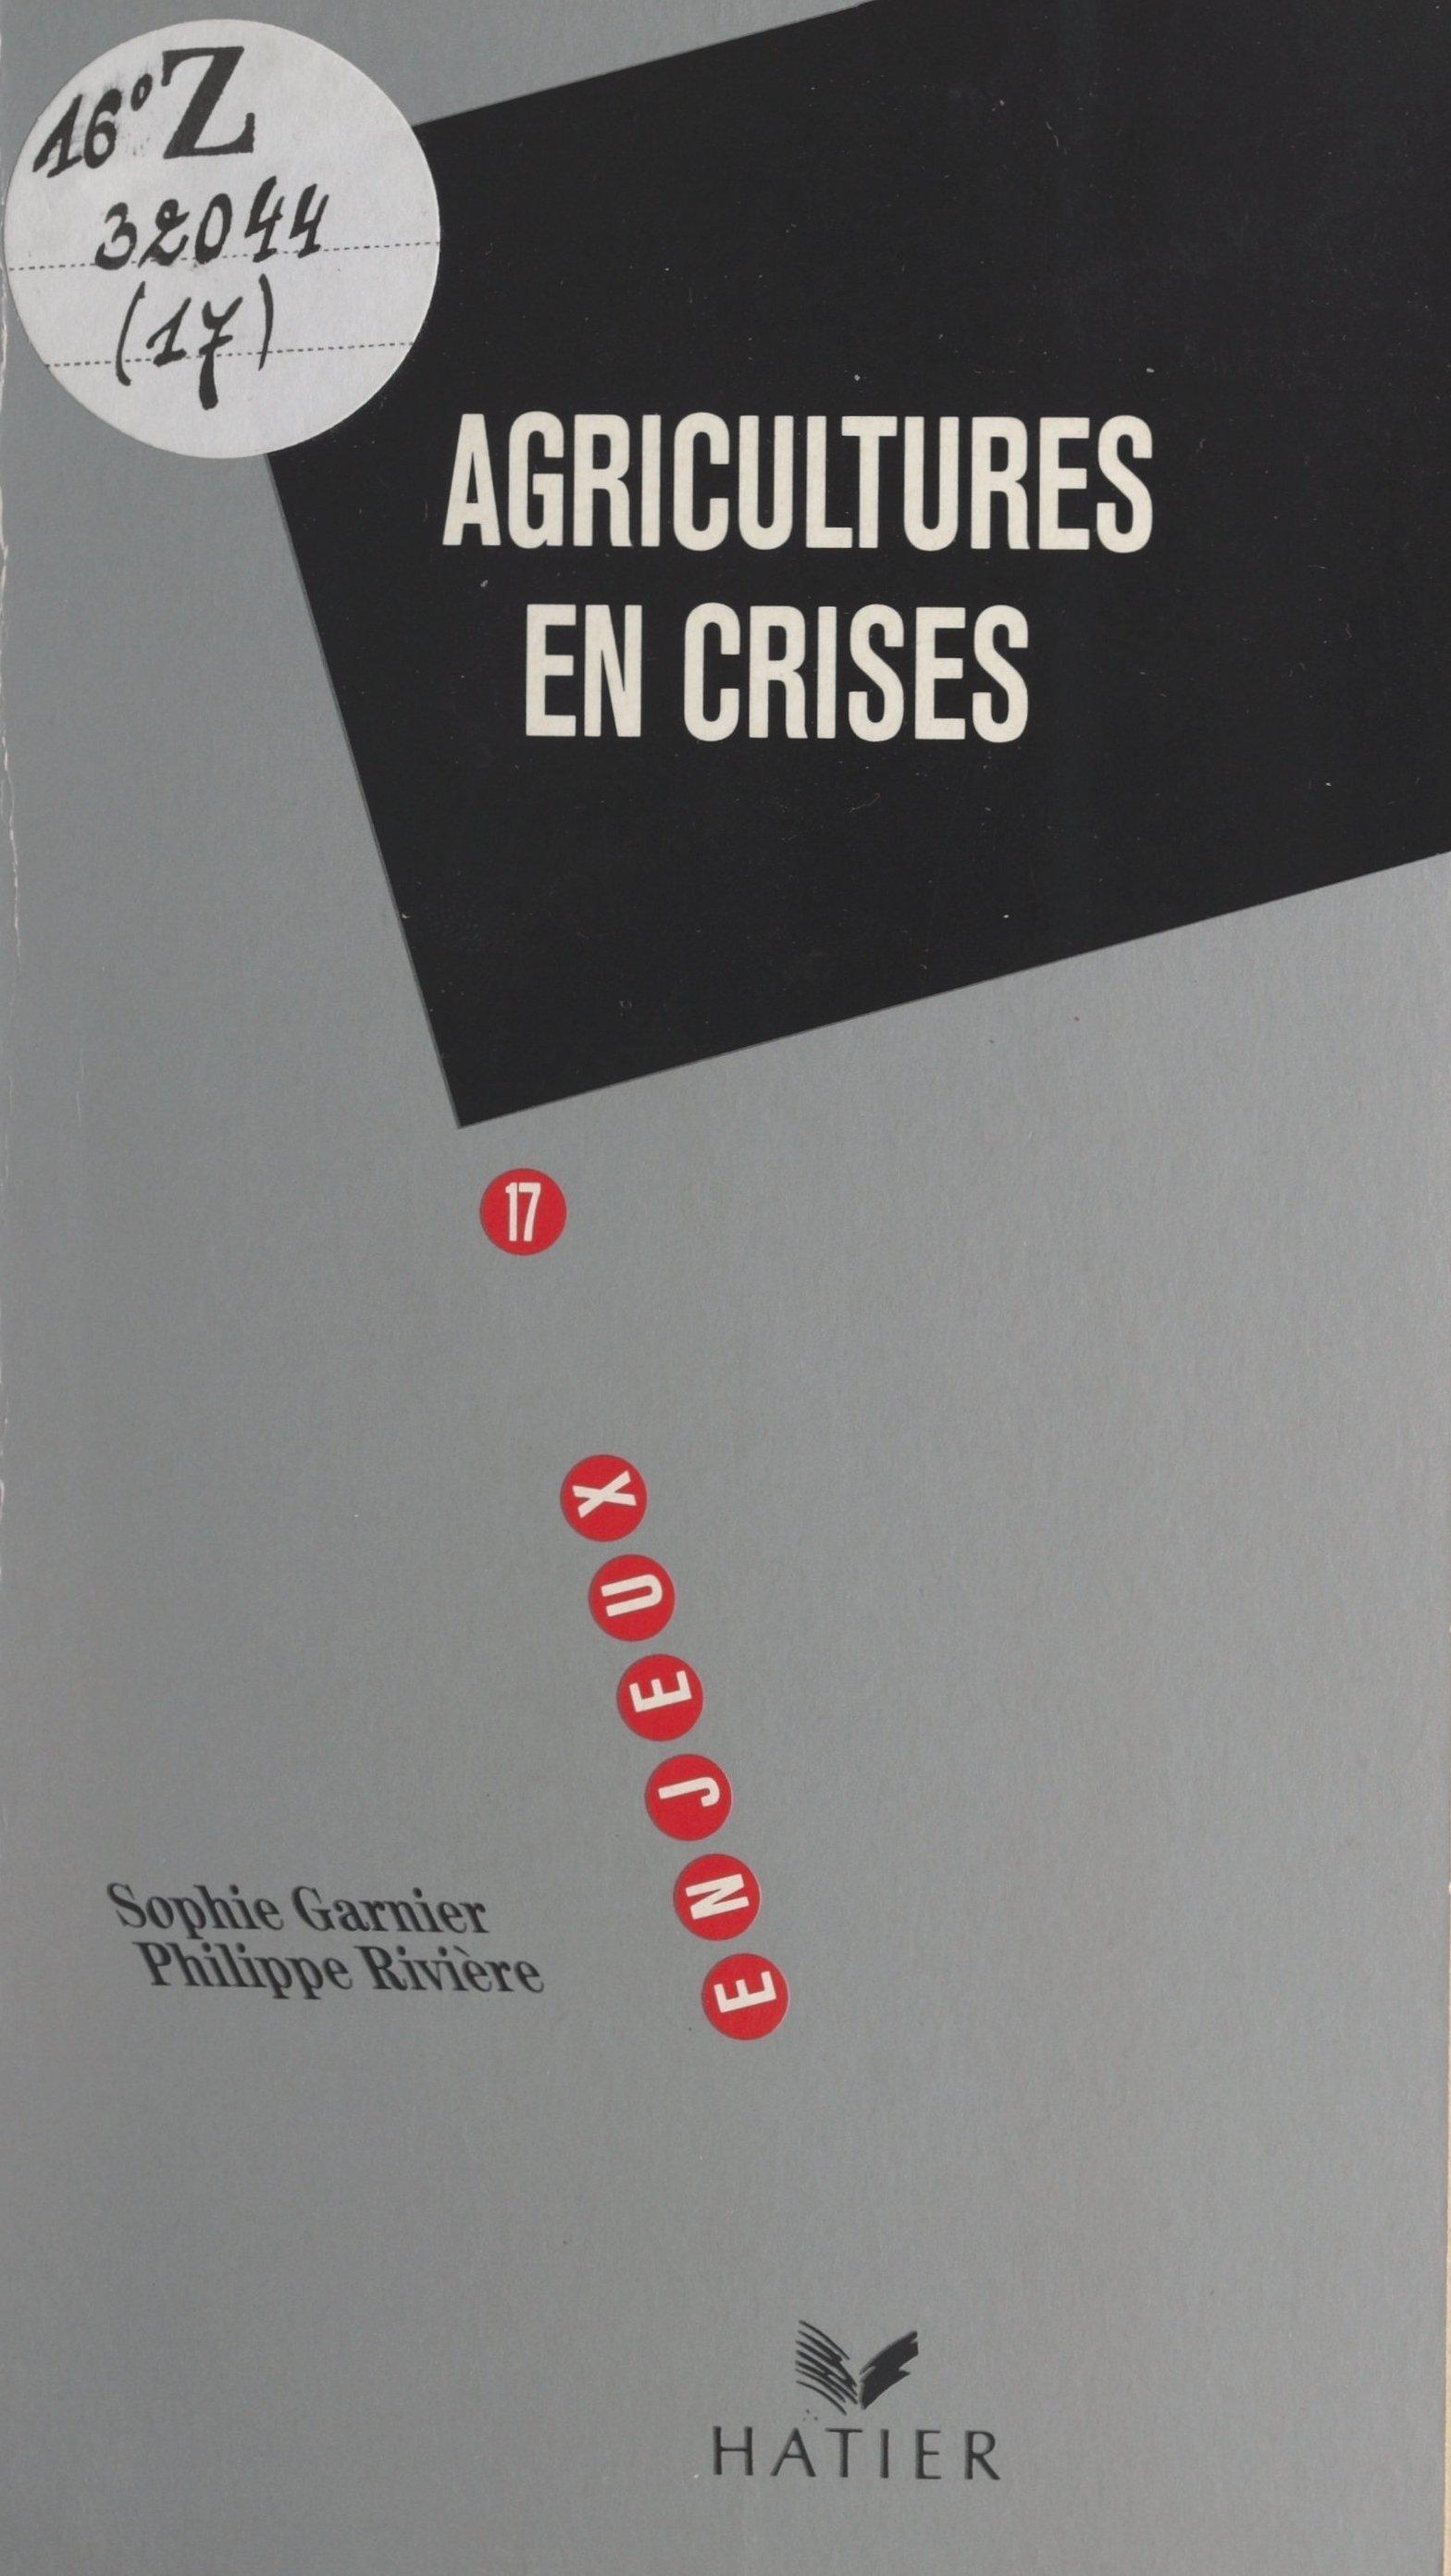 Agricultures en crises